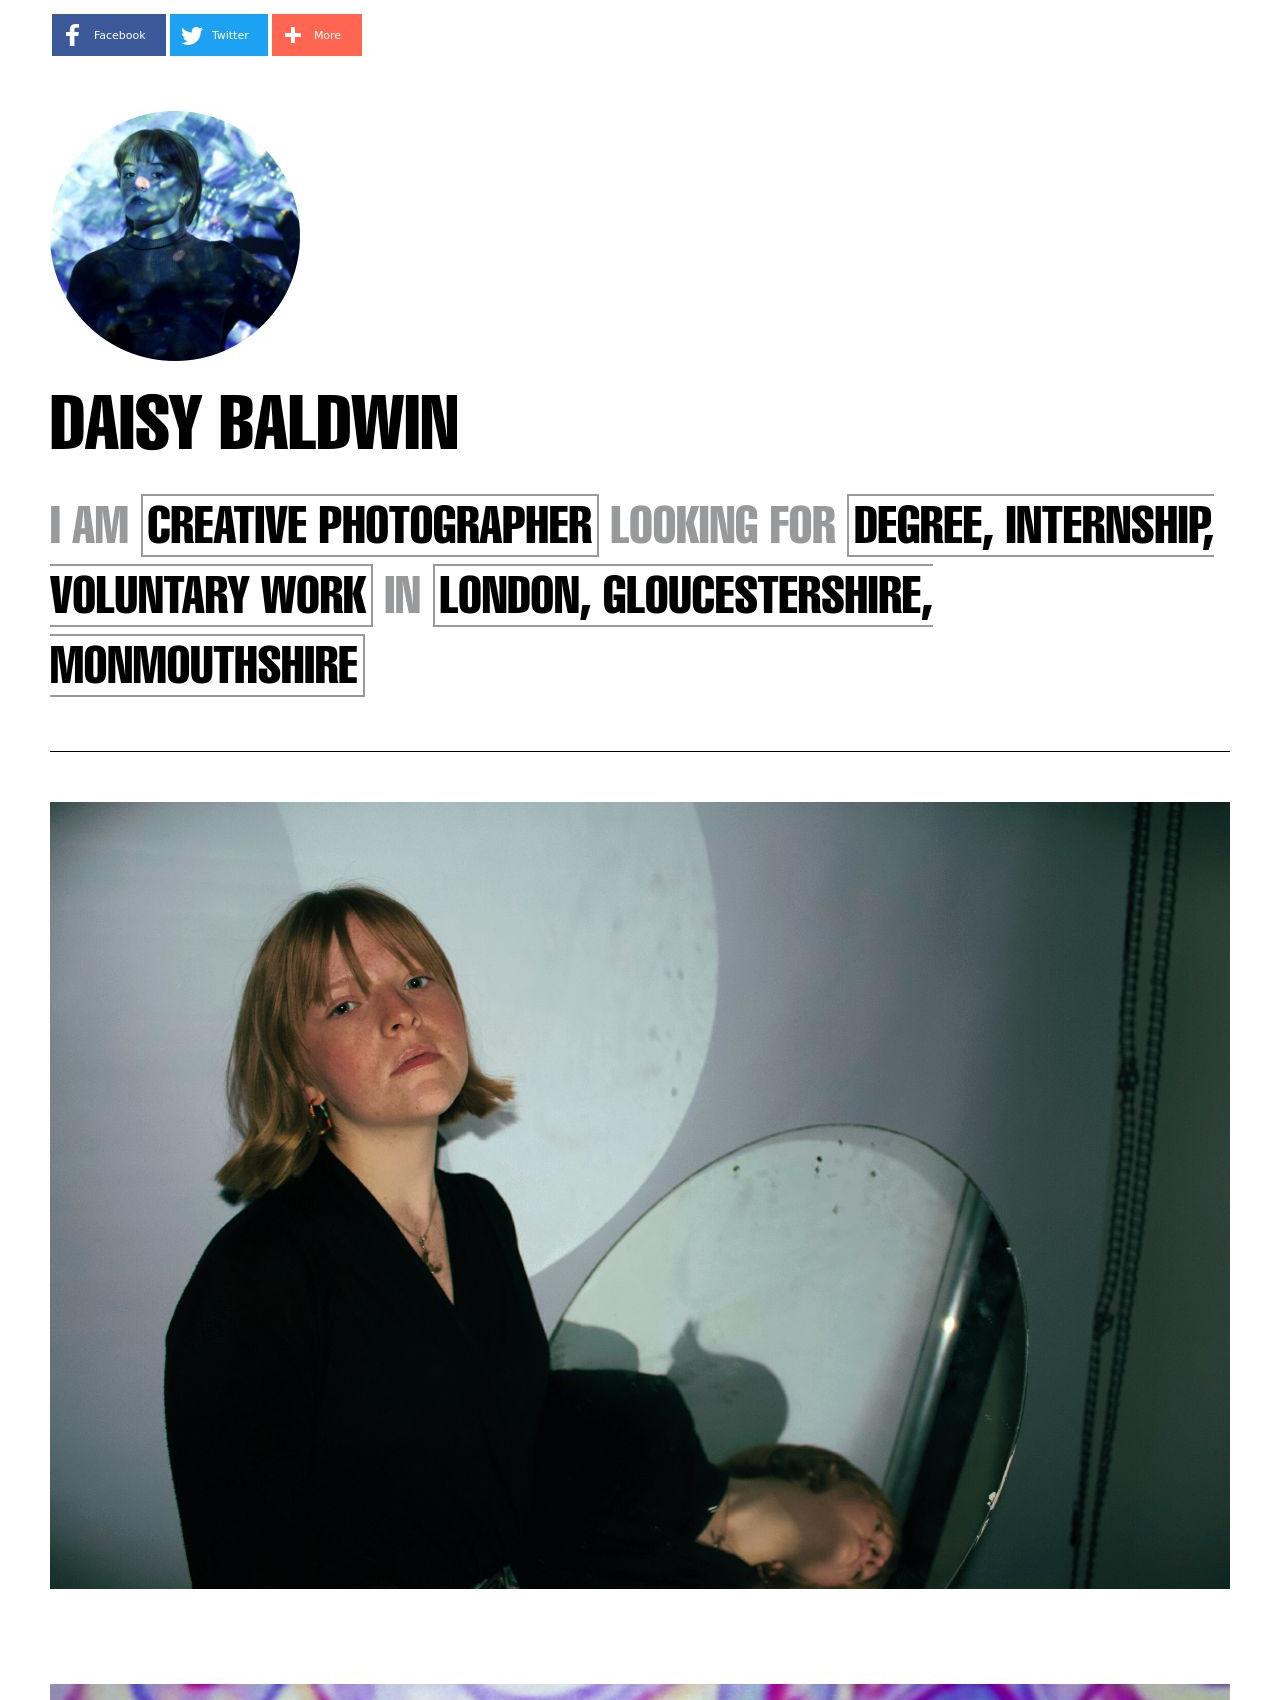 Daisy Baldwin